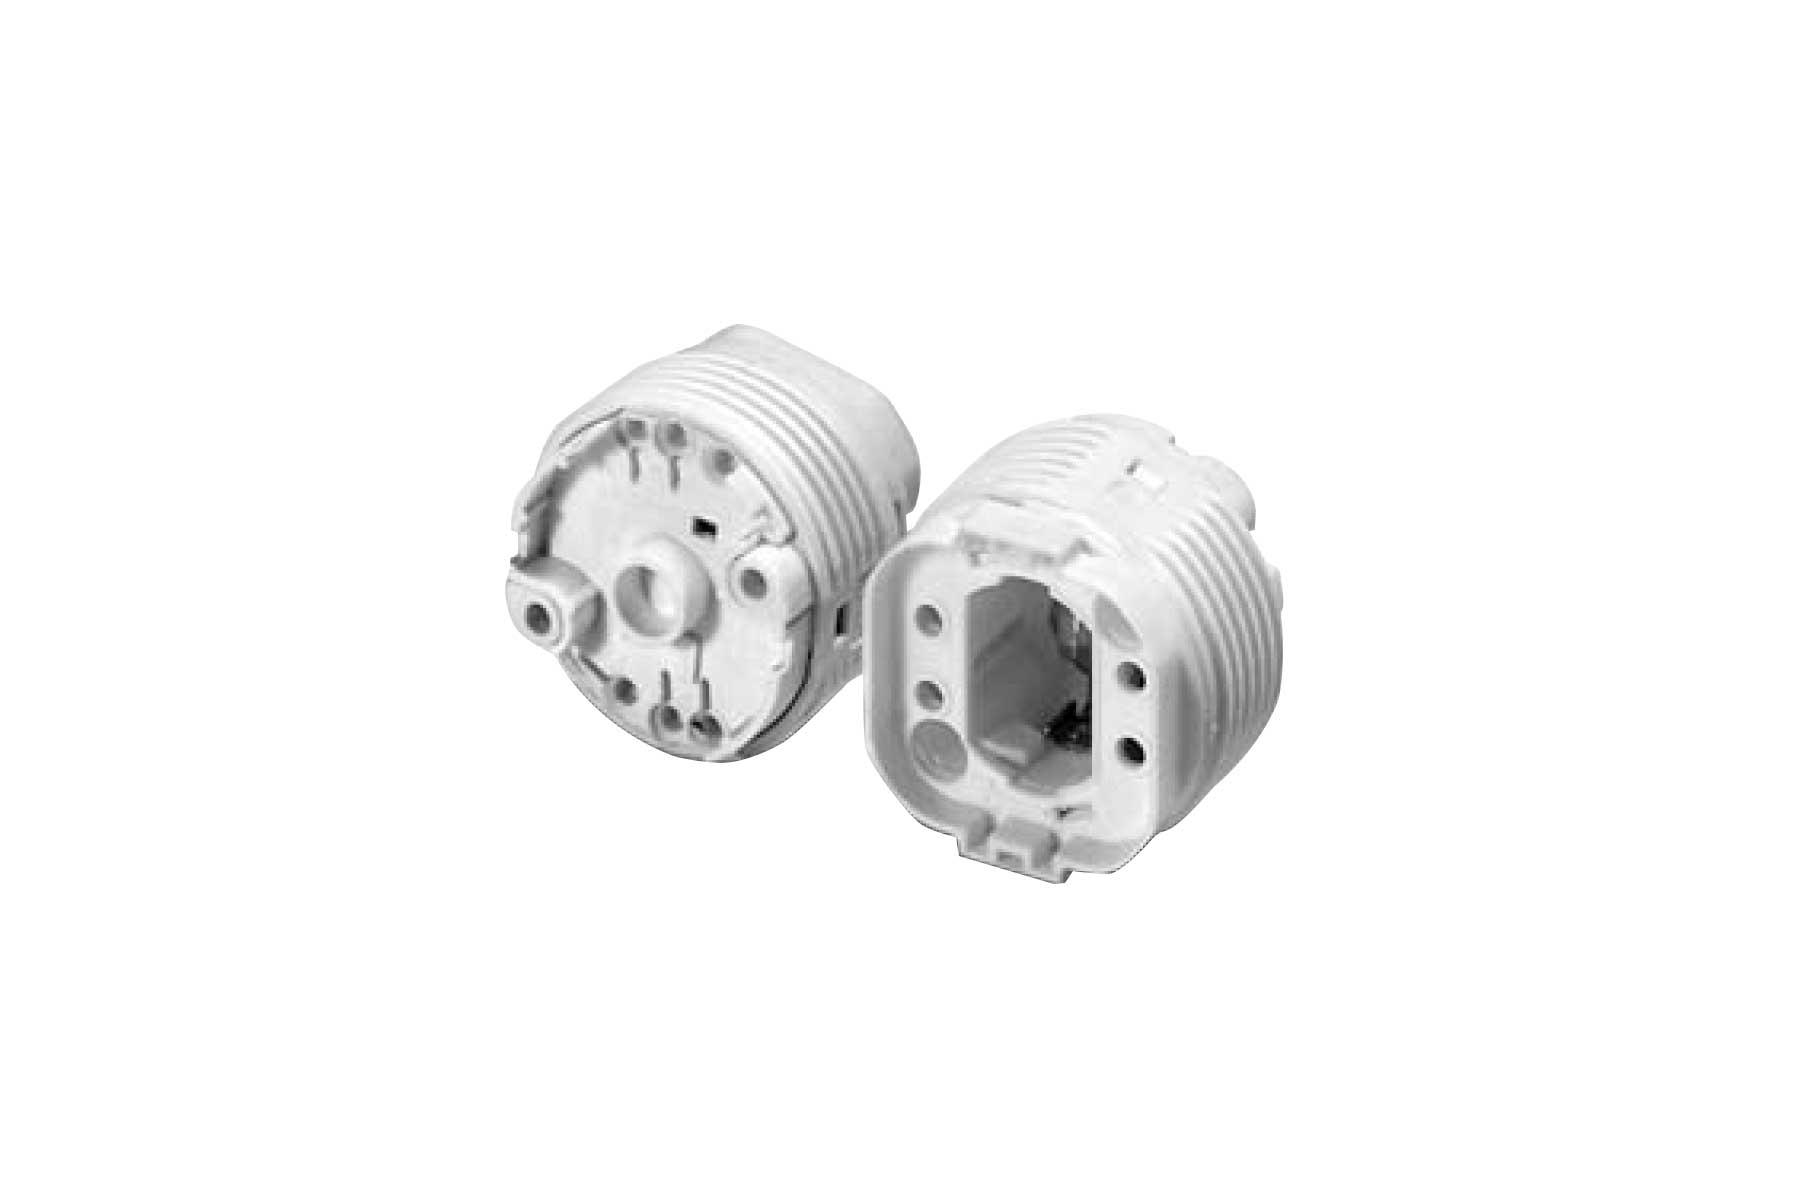 G24-Q4 CFL Light Socket - Outer Thread